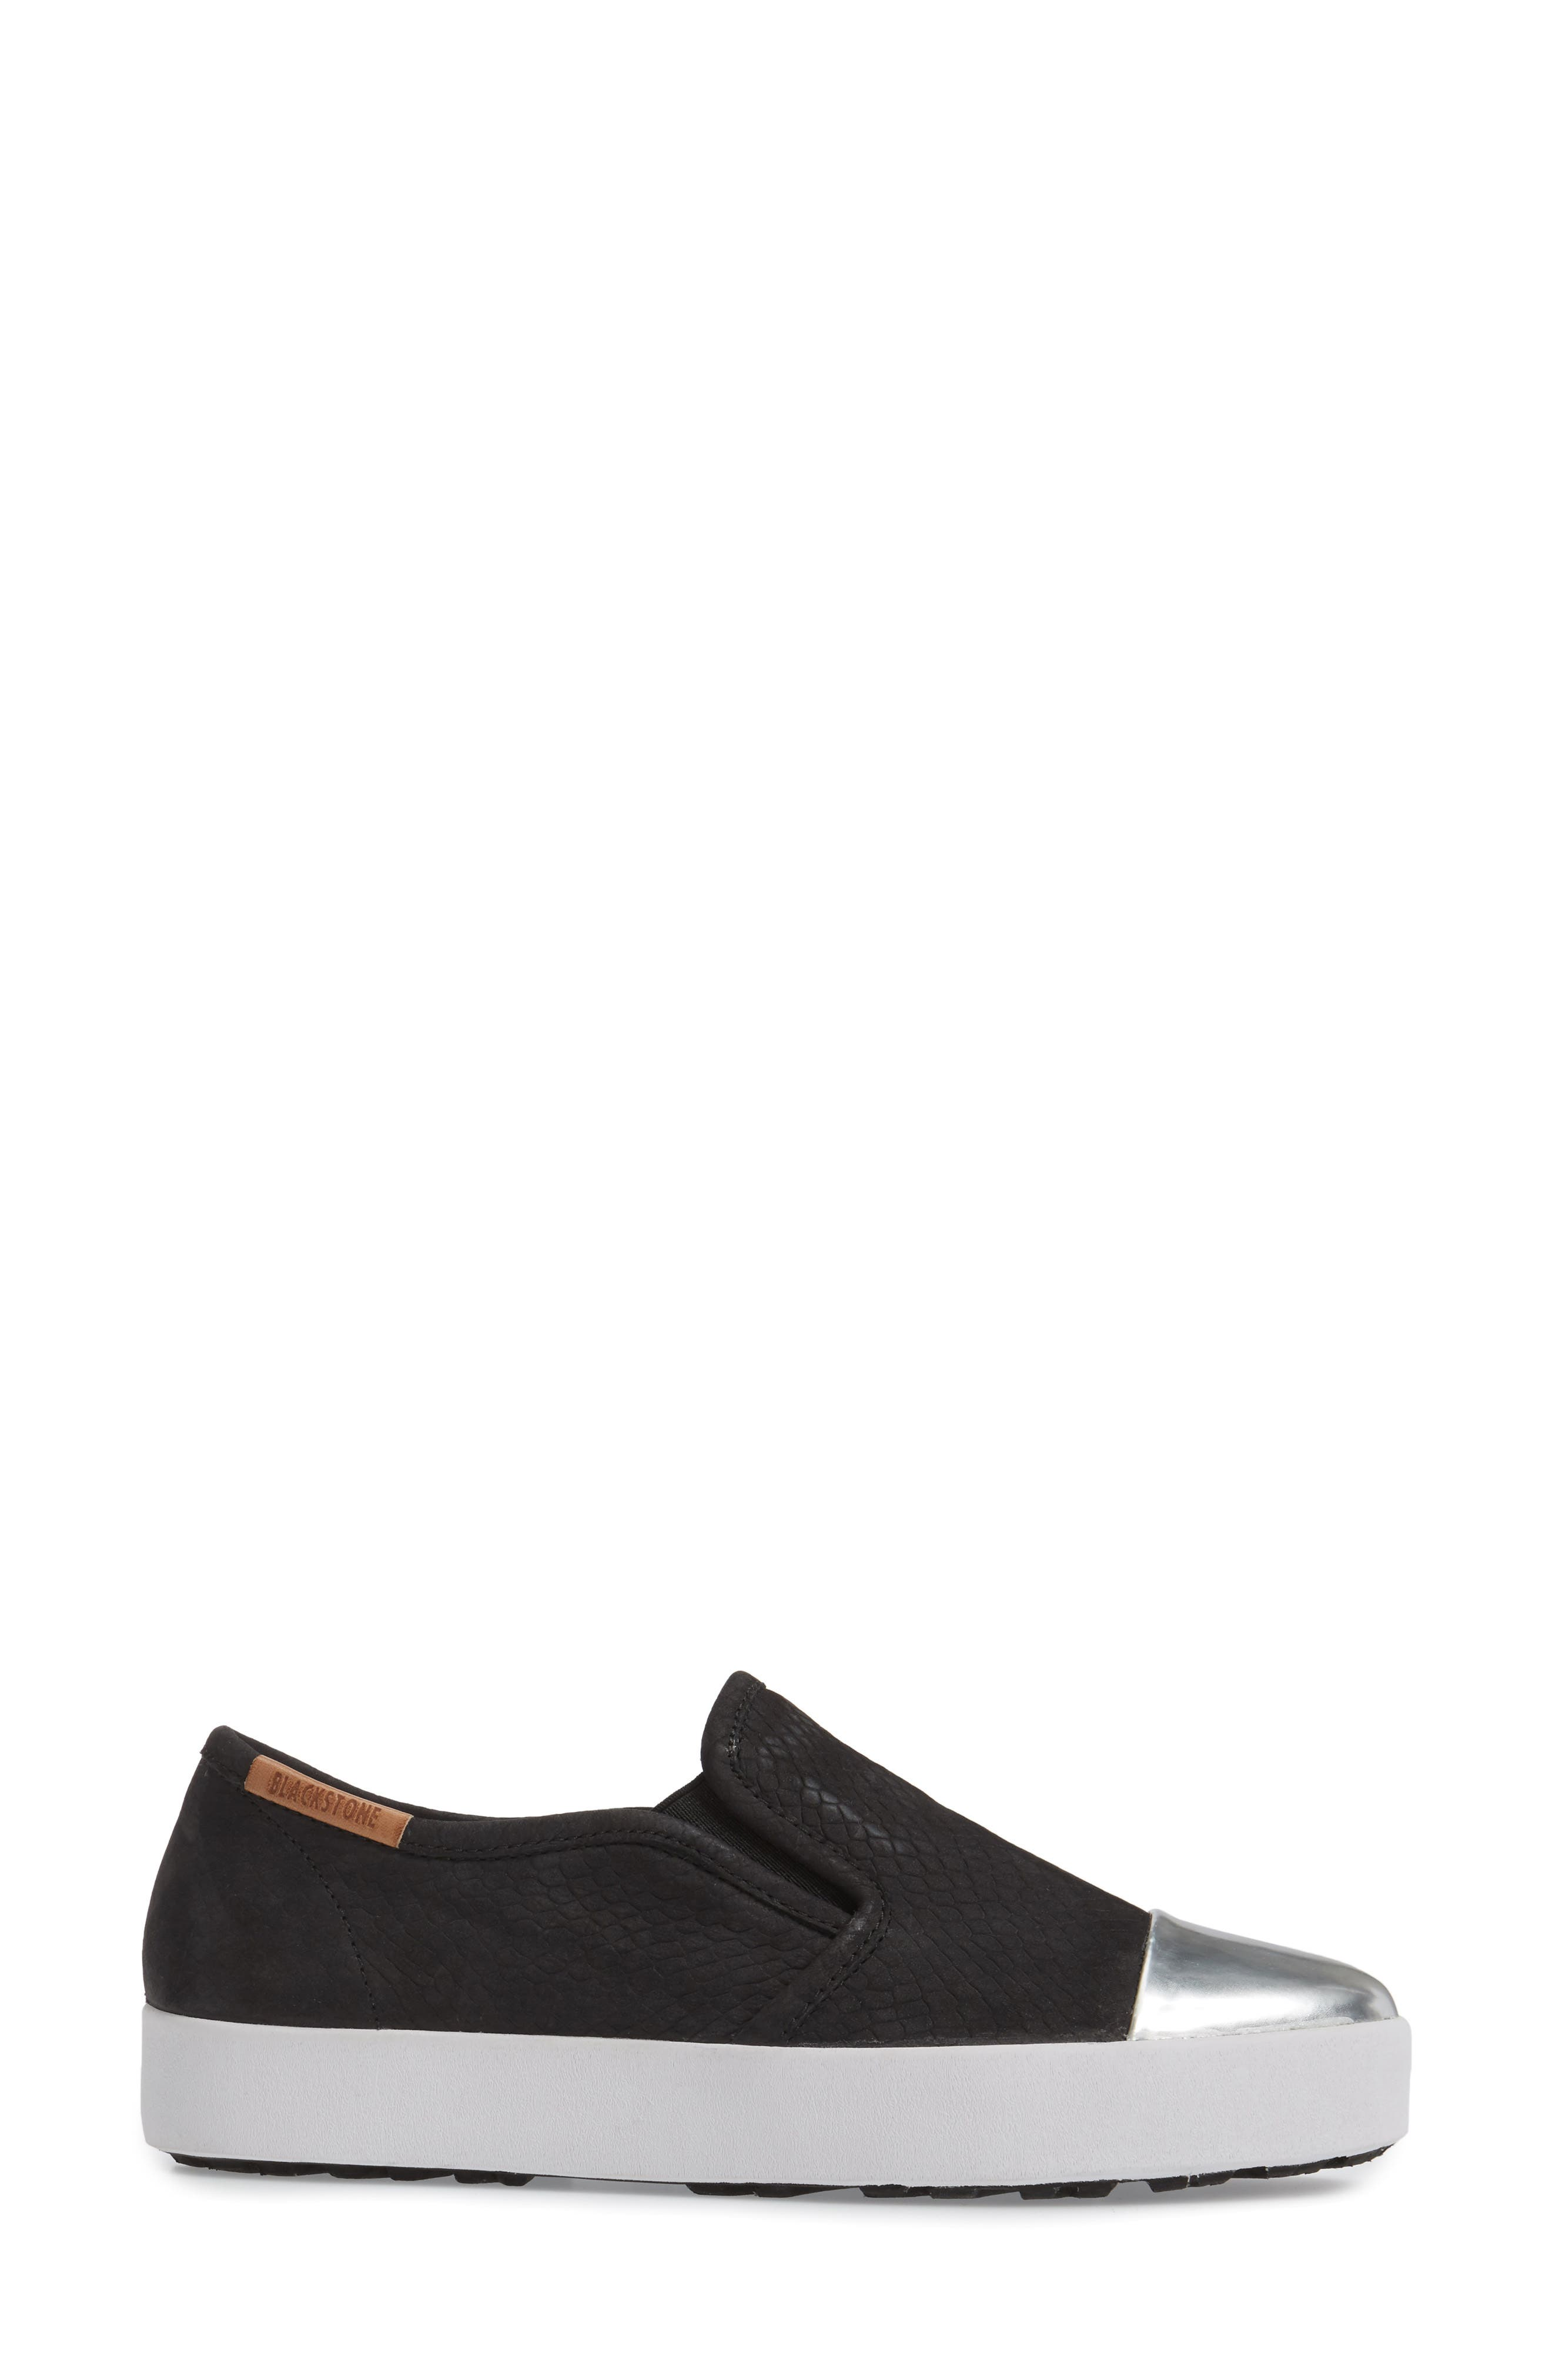 NL47 Slip-On Sneaker,                             Alternate thumbnail 3, color,                             001